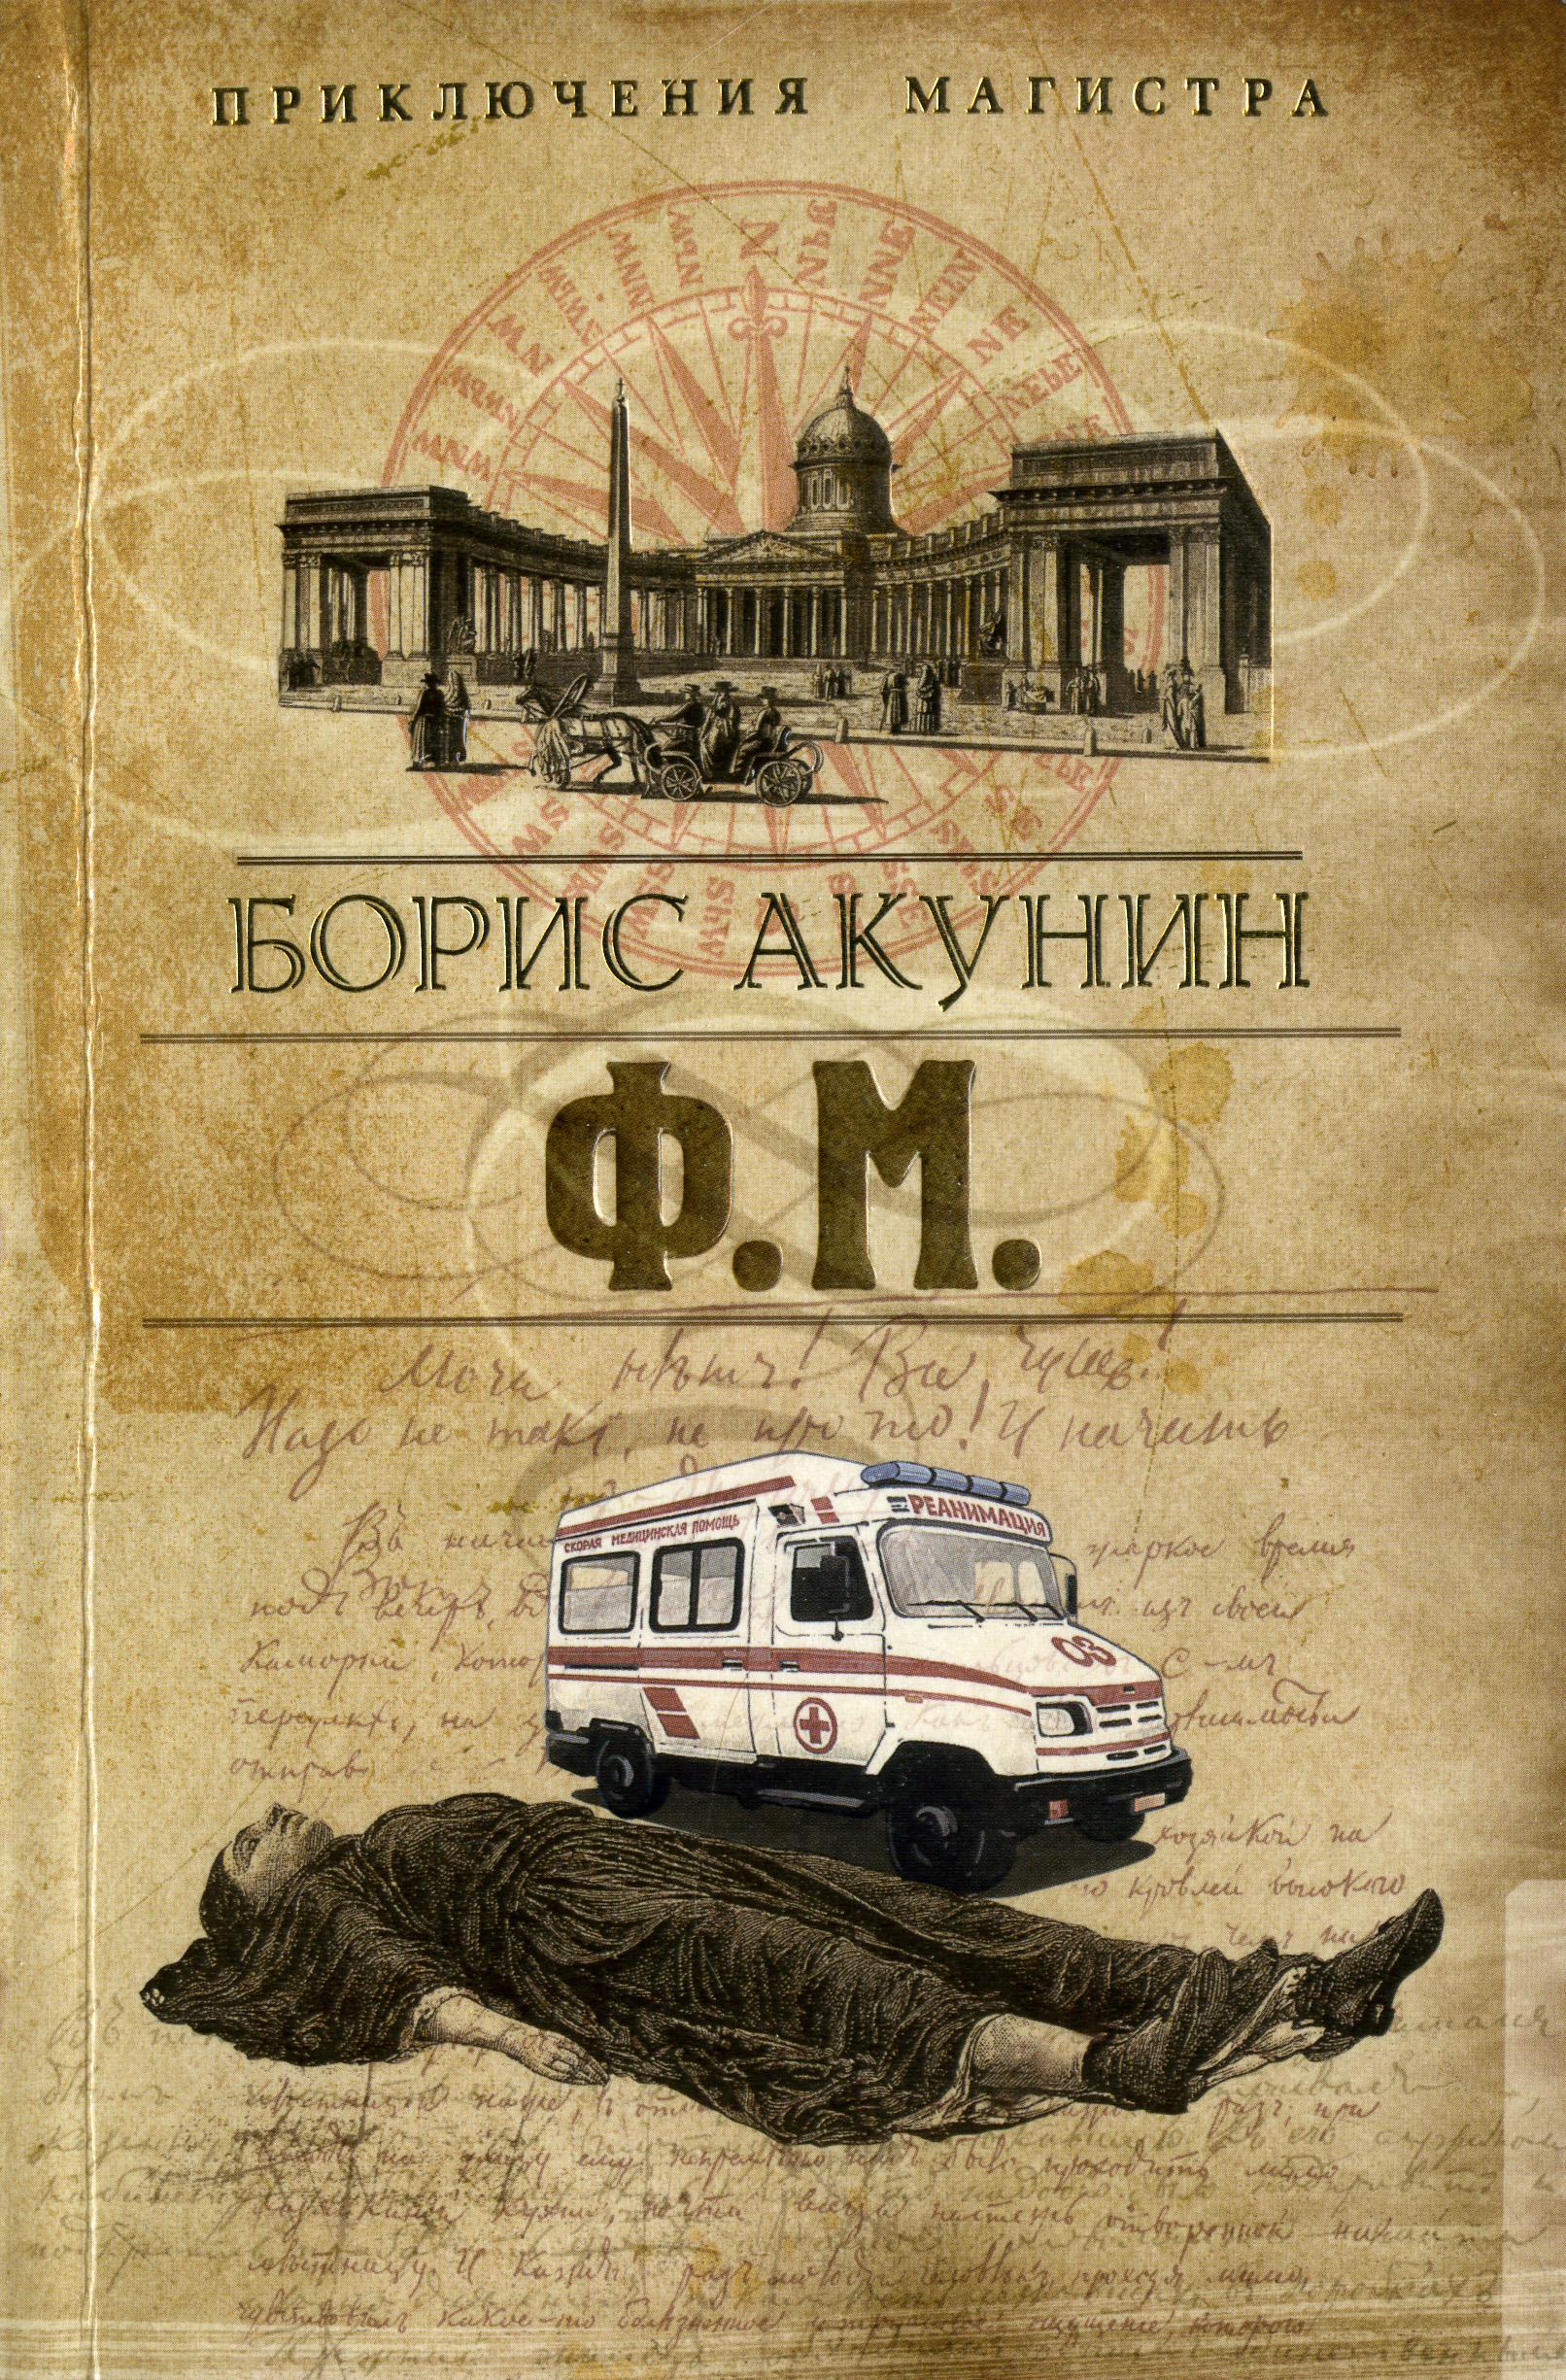 Борис Акунин Ф. М. борис акунин вдовий плат роман